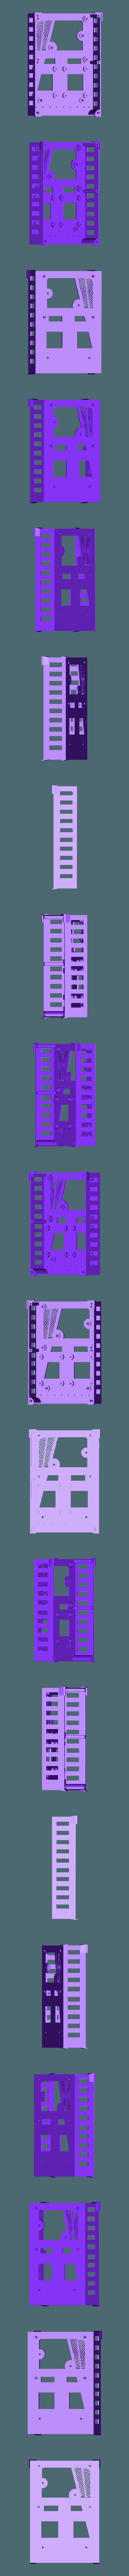 Caja_placa_Zonestar_ZRIB_para_Anet_A8.stl Télécharger fichier STL gratuit Caja placa Zonestar ZRIB para Anet A8 / AM8 (Extrusor Dual multicolor) • Design pour impression 3D, celtarra12